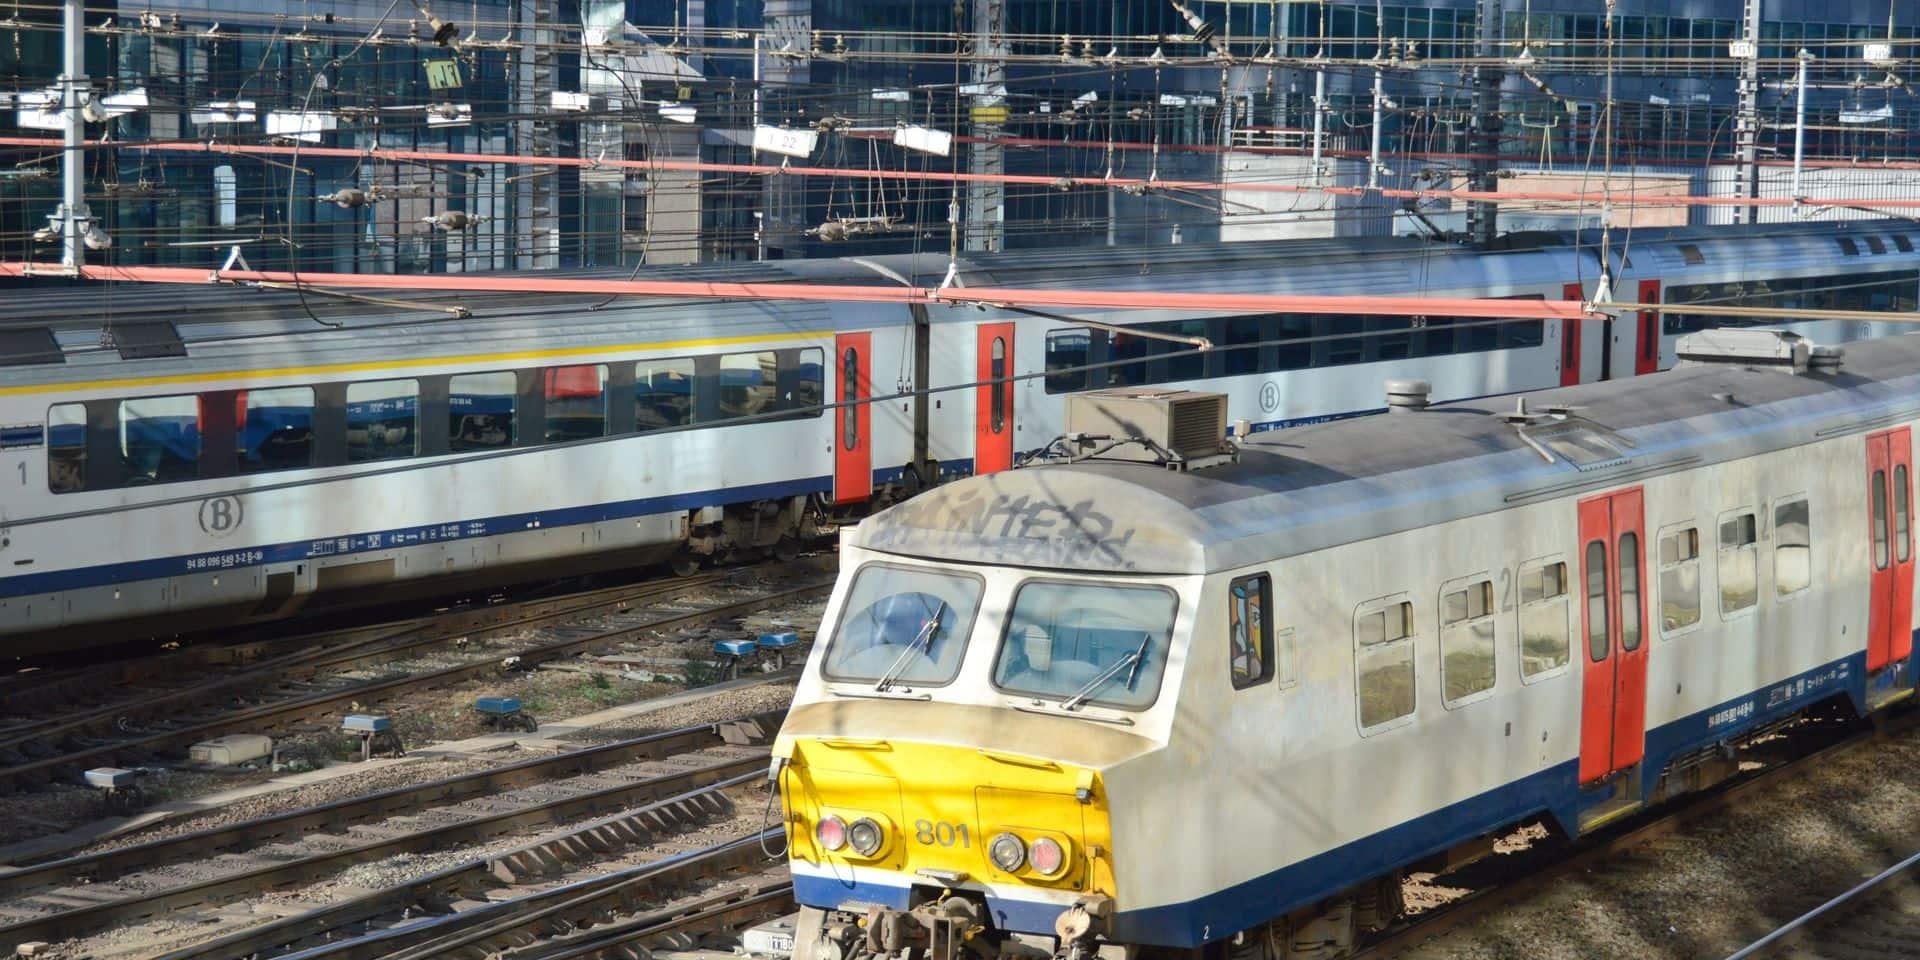 Le trafic ferroviaire interrompu entre Bruxelles et Louvain après un accident de personne